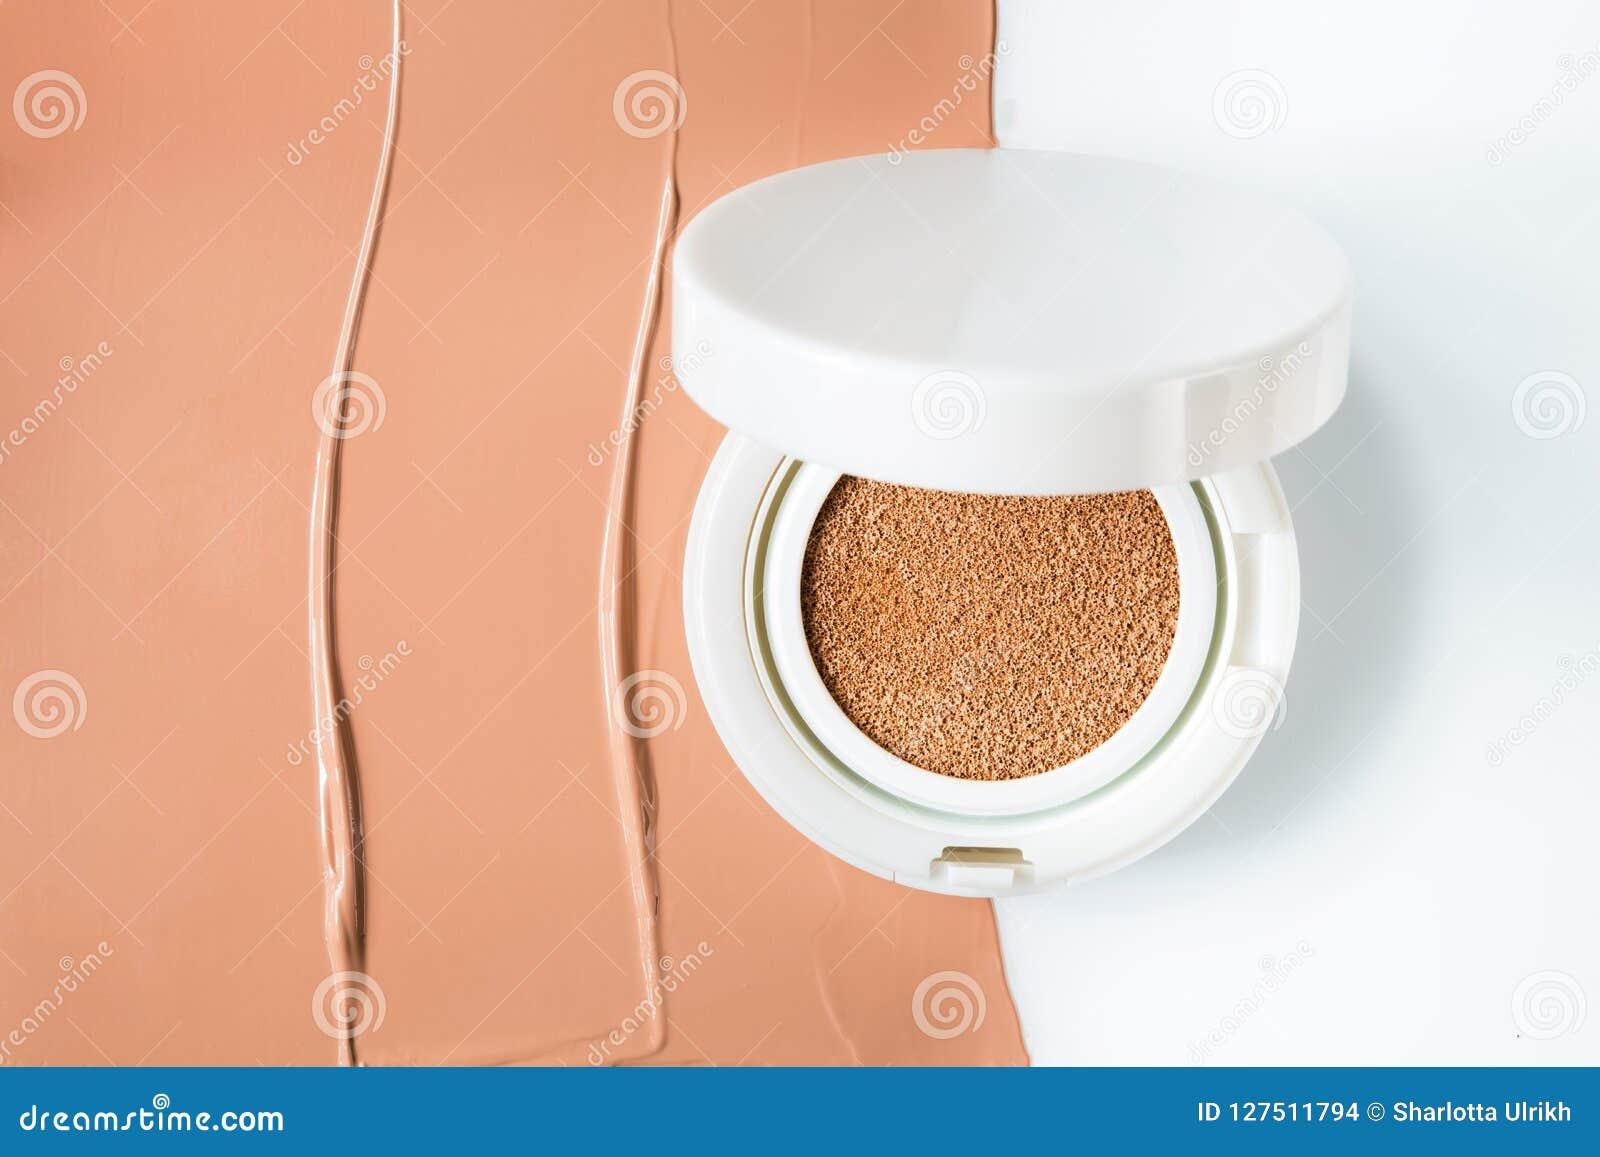 Coussin de base sur la moitié de la surface d une base tonale